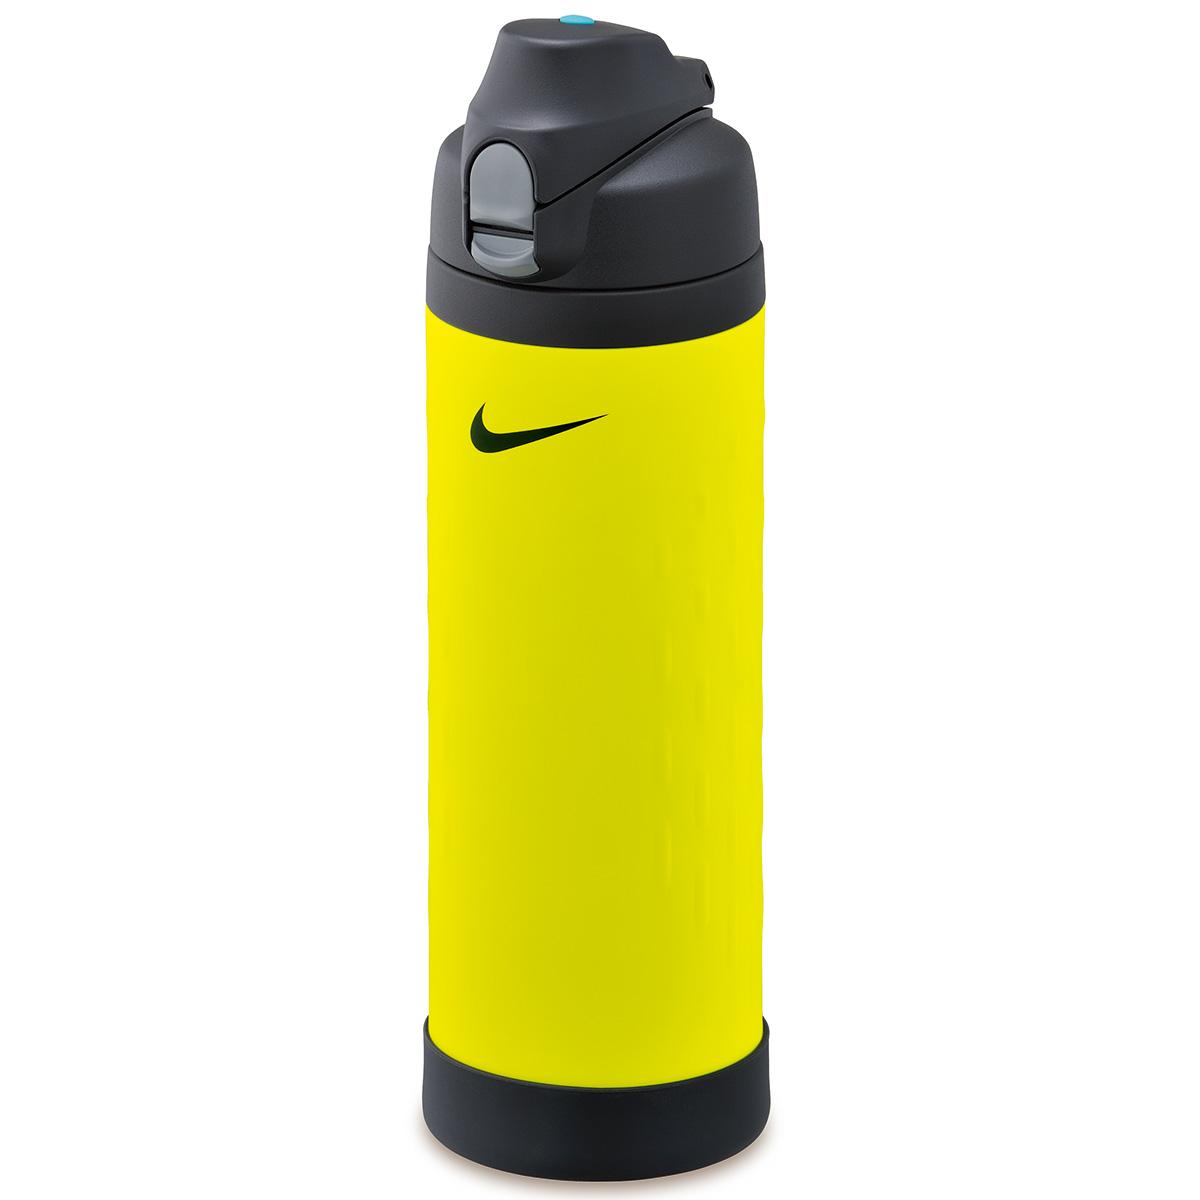 ナイキ ハイドレーションボトル 1L